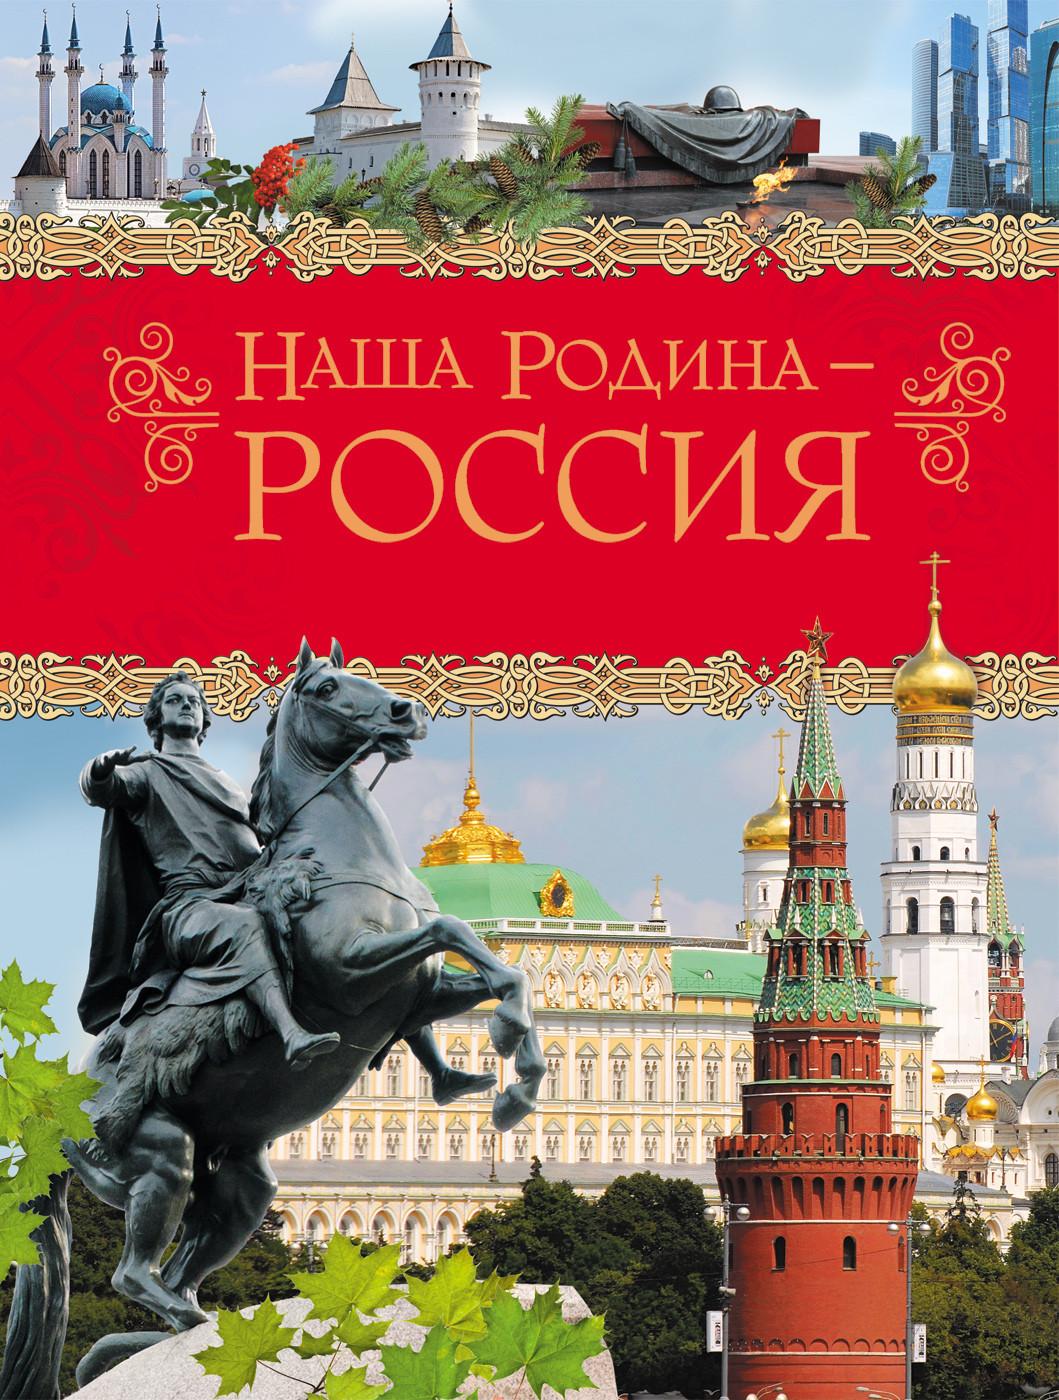 Картинки на тему великая россия